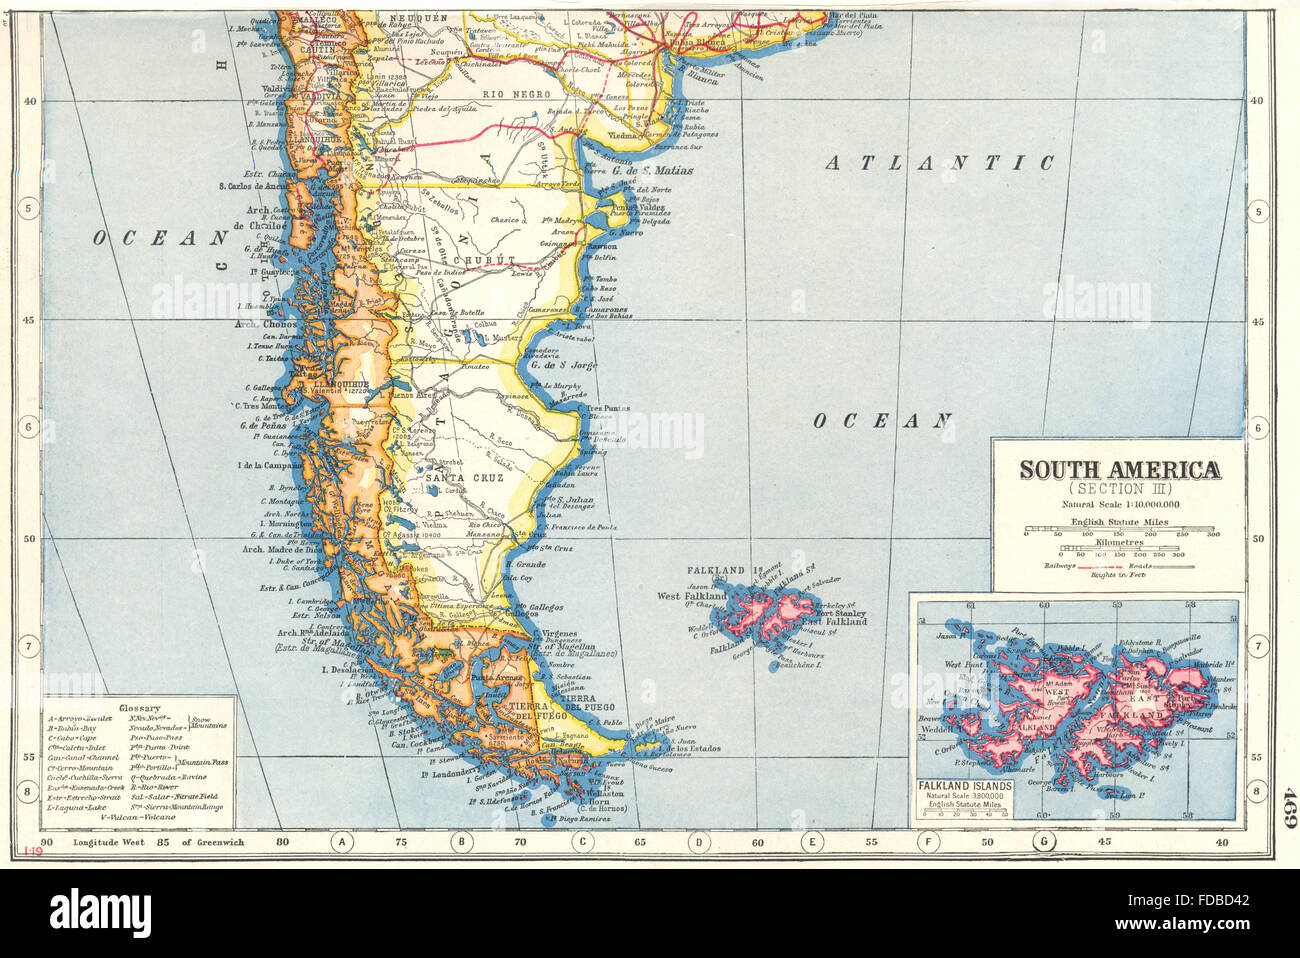 Patagonia Cartina Geografica.Patagonia Sud America Del Sud Argentina Chile Isole Falkland 1920 Mappa Vecchia Foto Stock Alamy